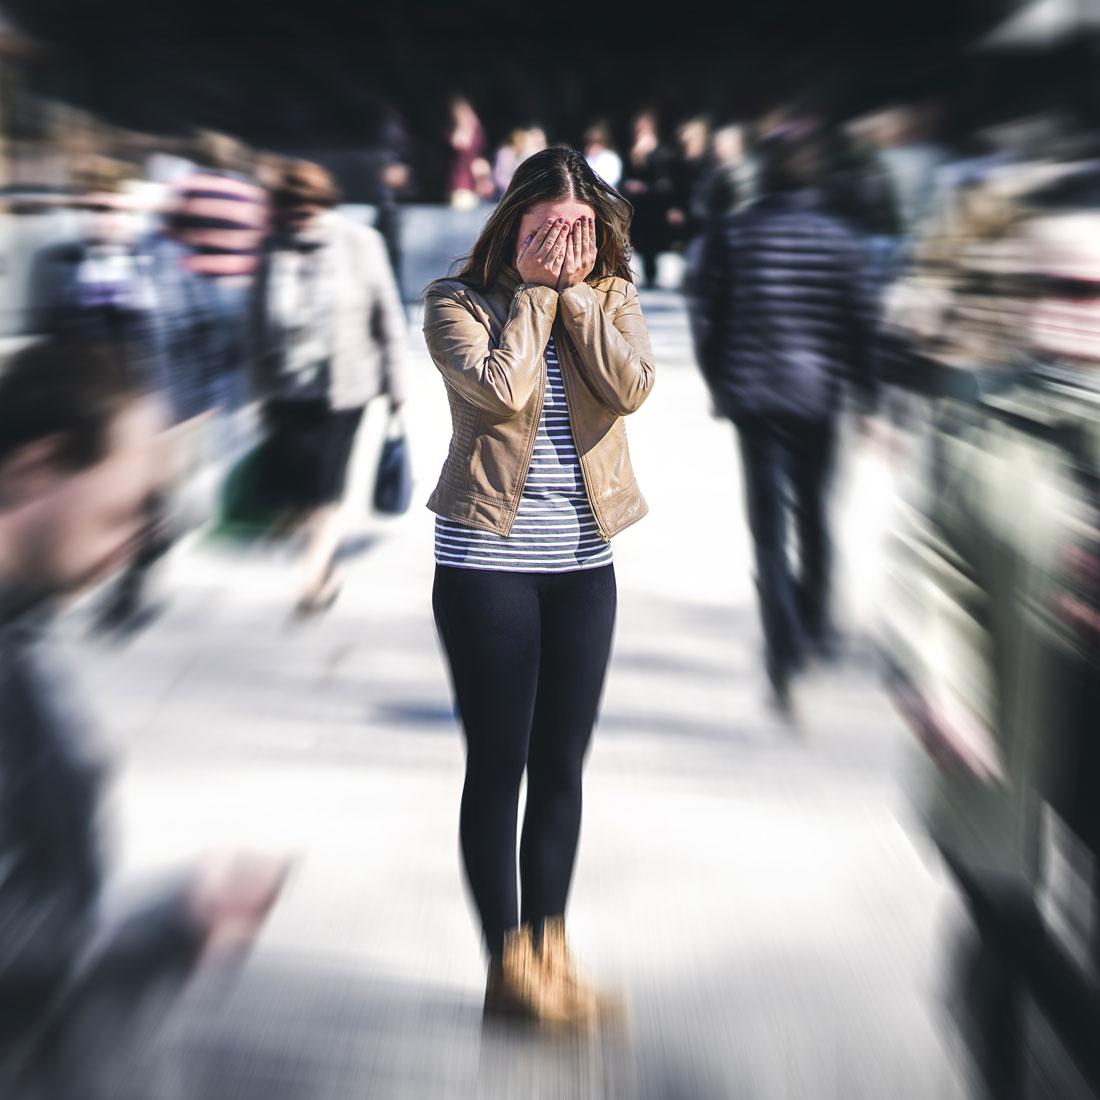 личная тревожность, повышенная тревожность, снятие тревожности, психологическая тревожность, коррекция тревожности